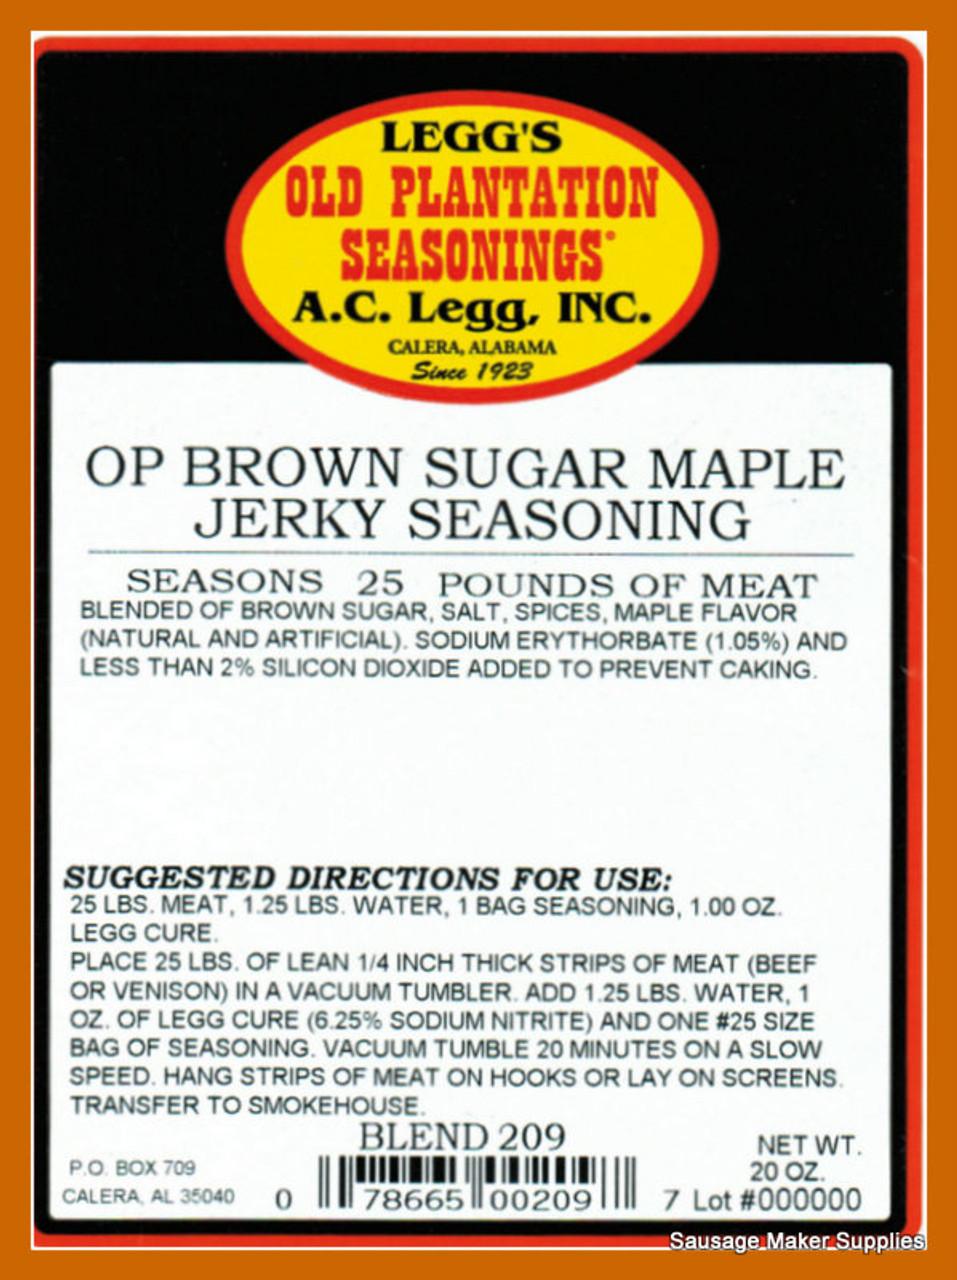 Brown Sugar Maple Jerky Seasoning